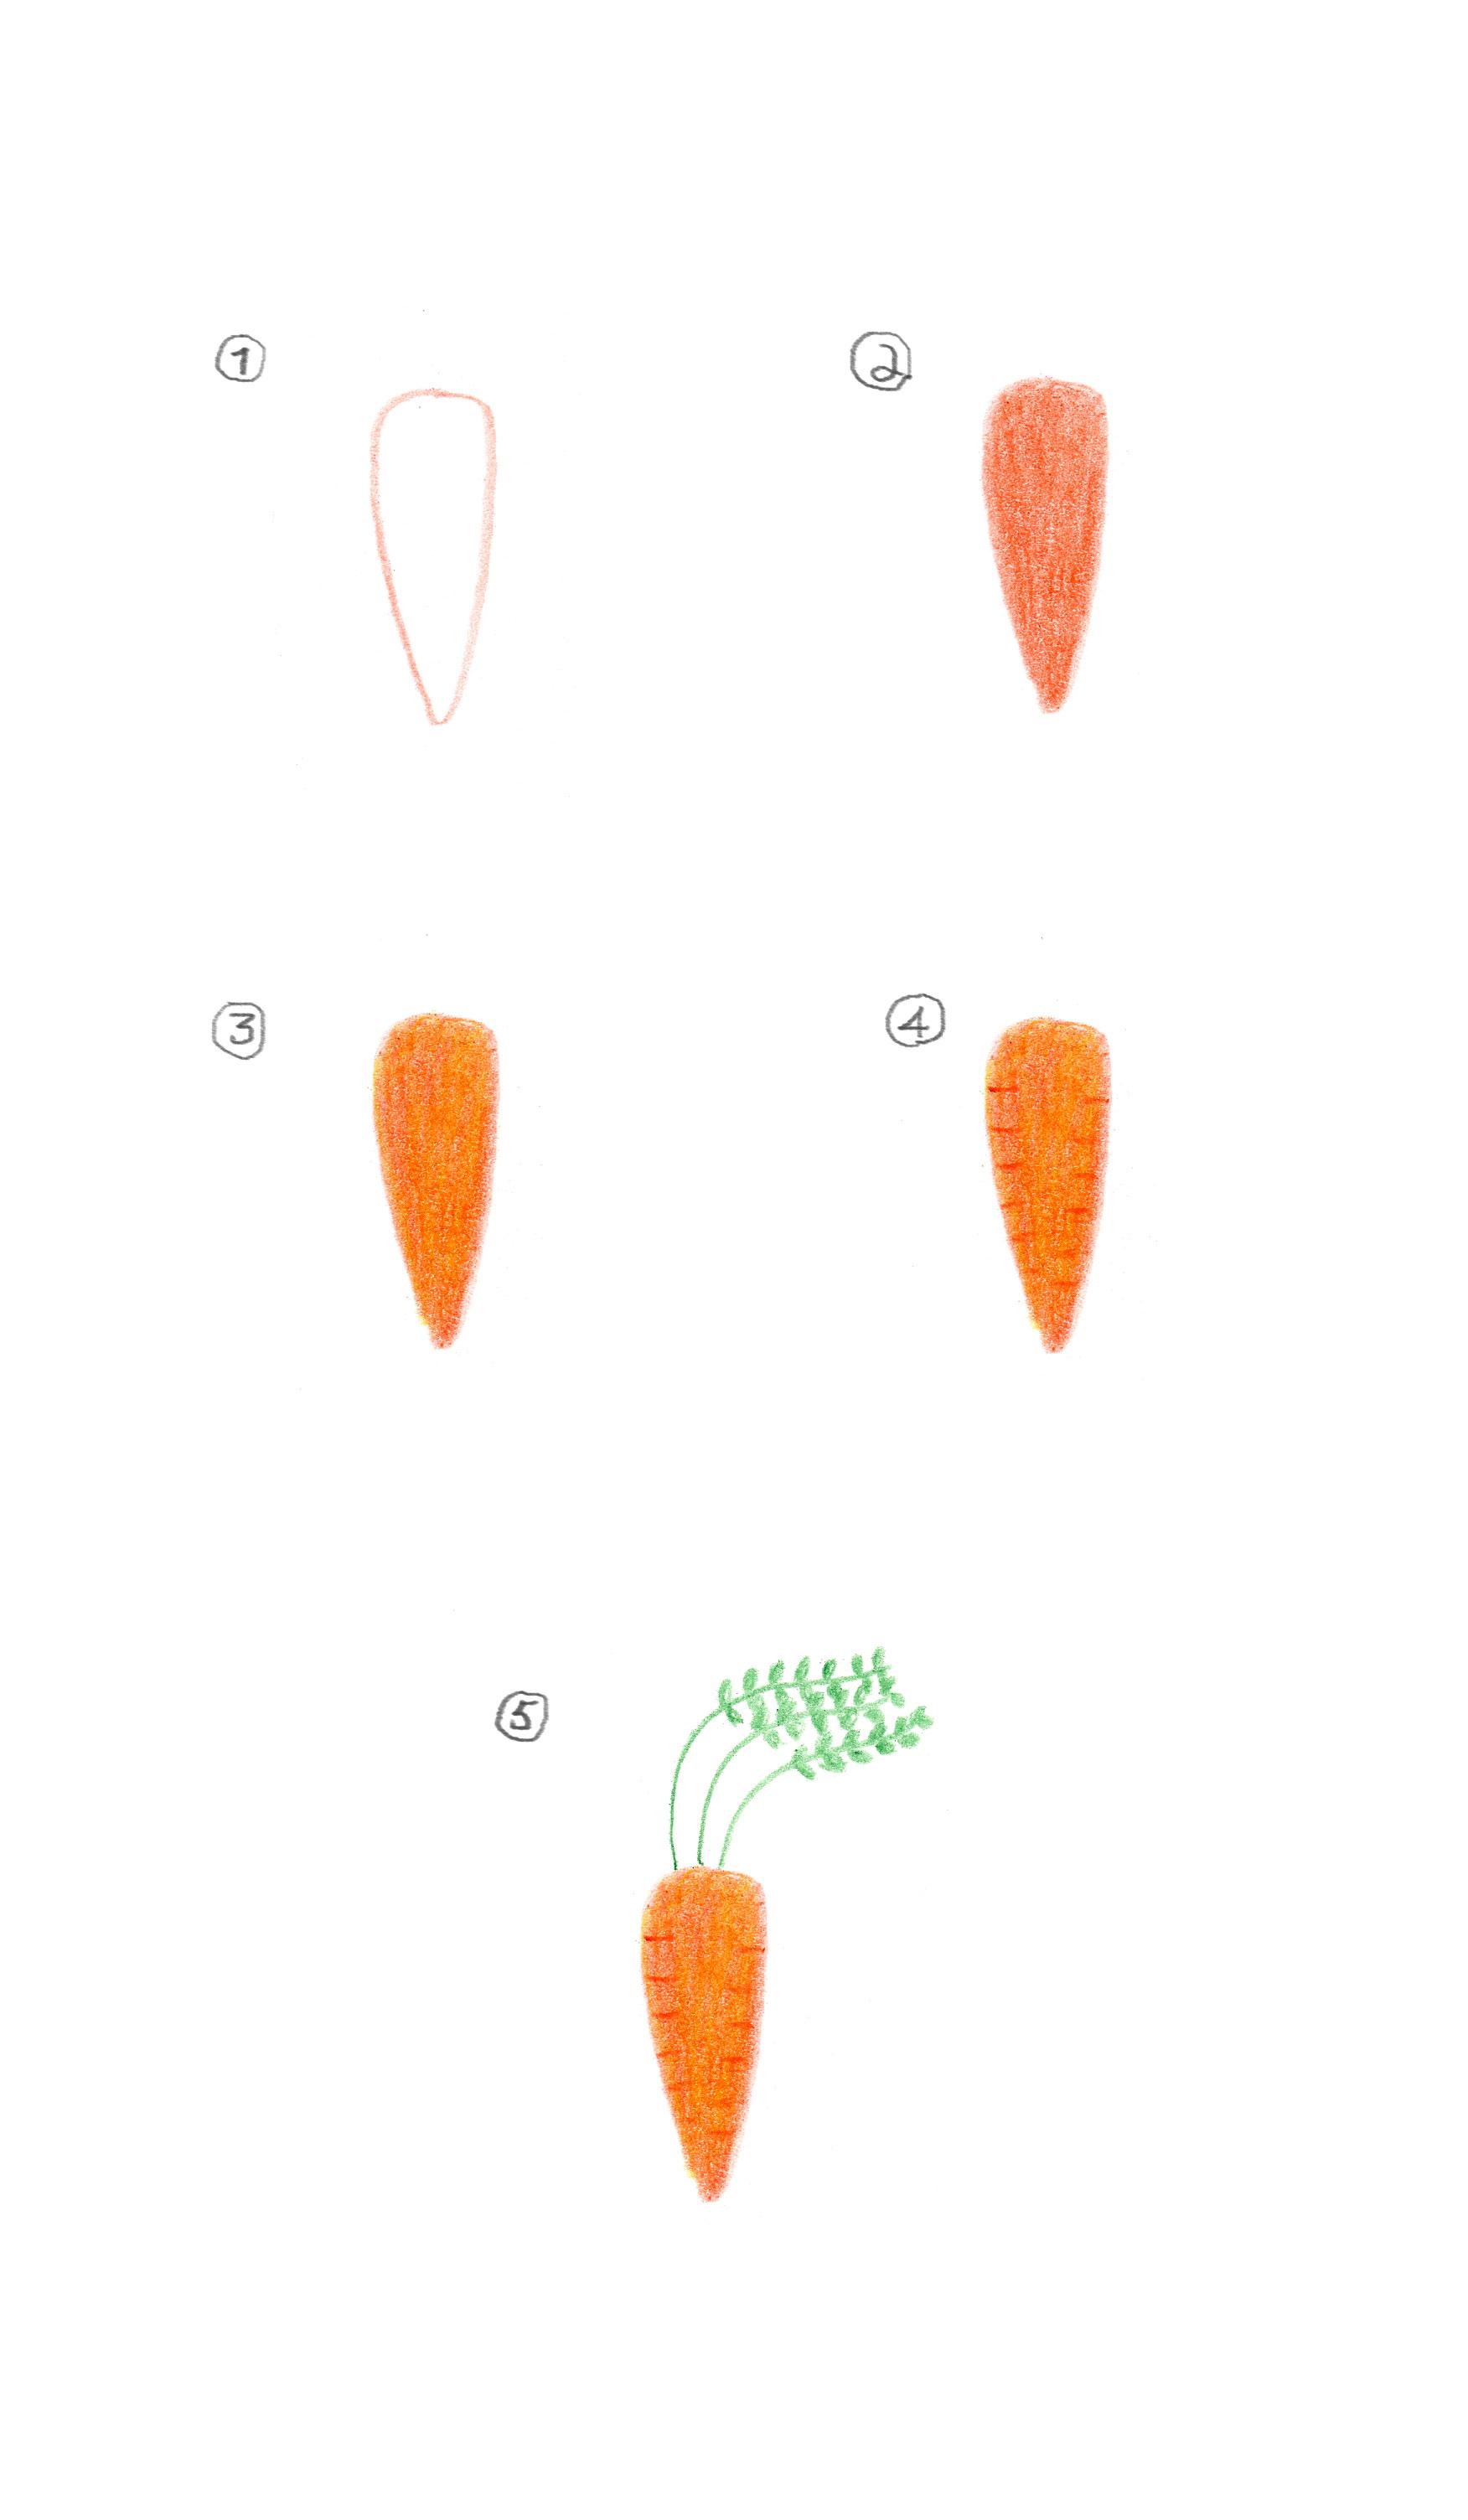 carrot_steps.jpg